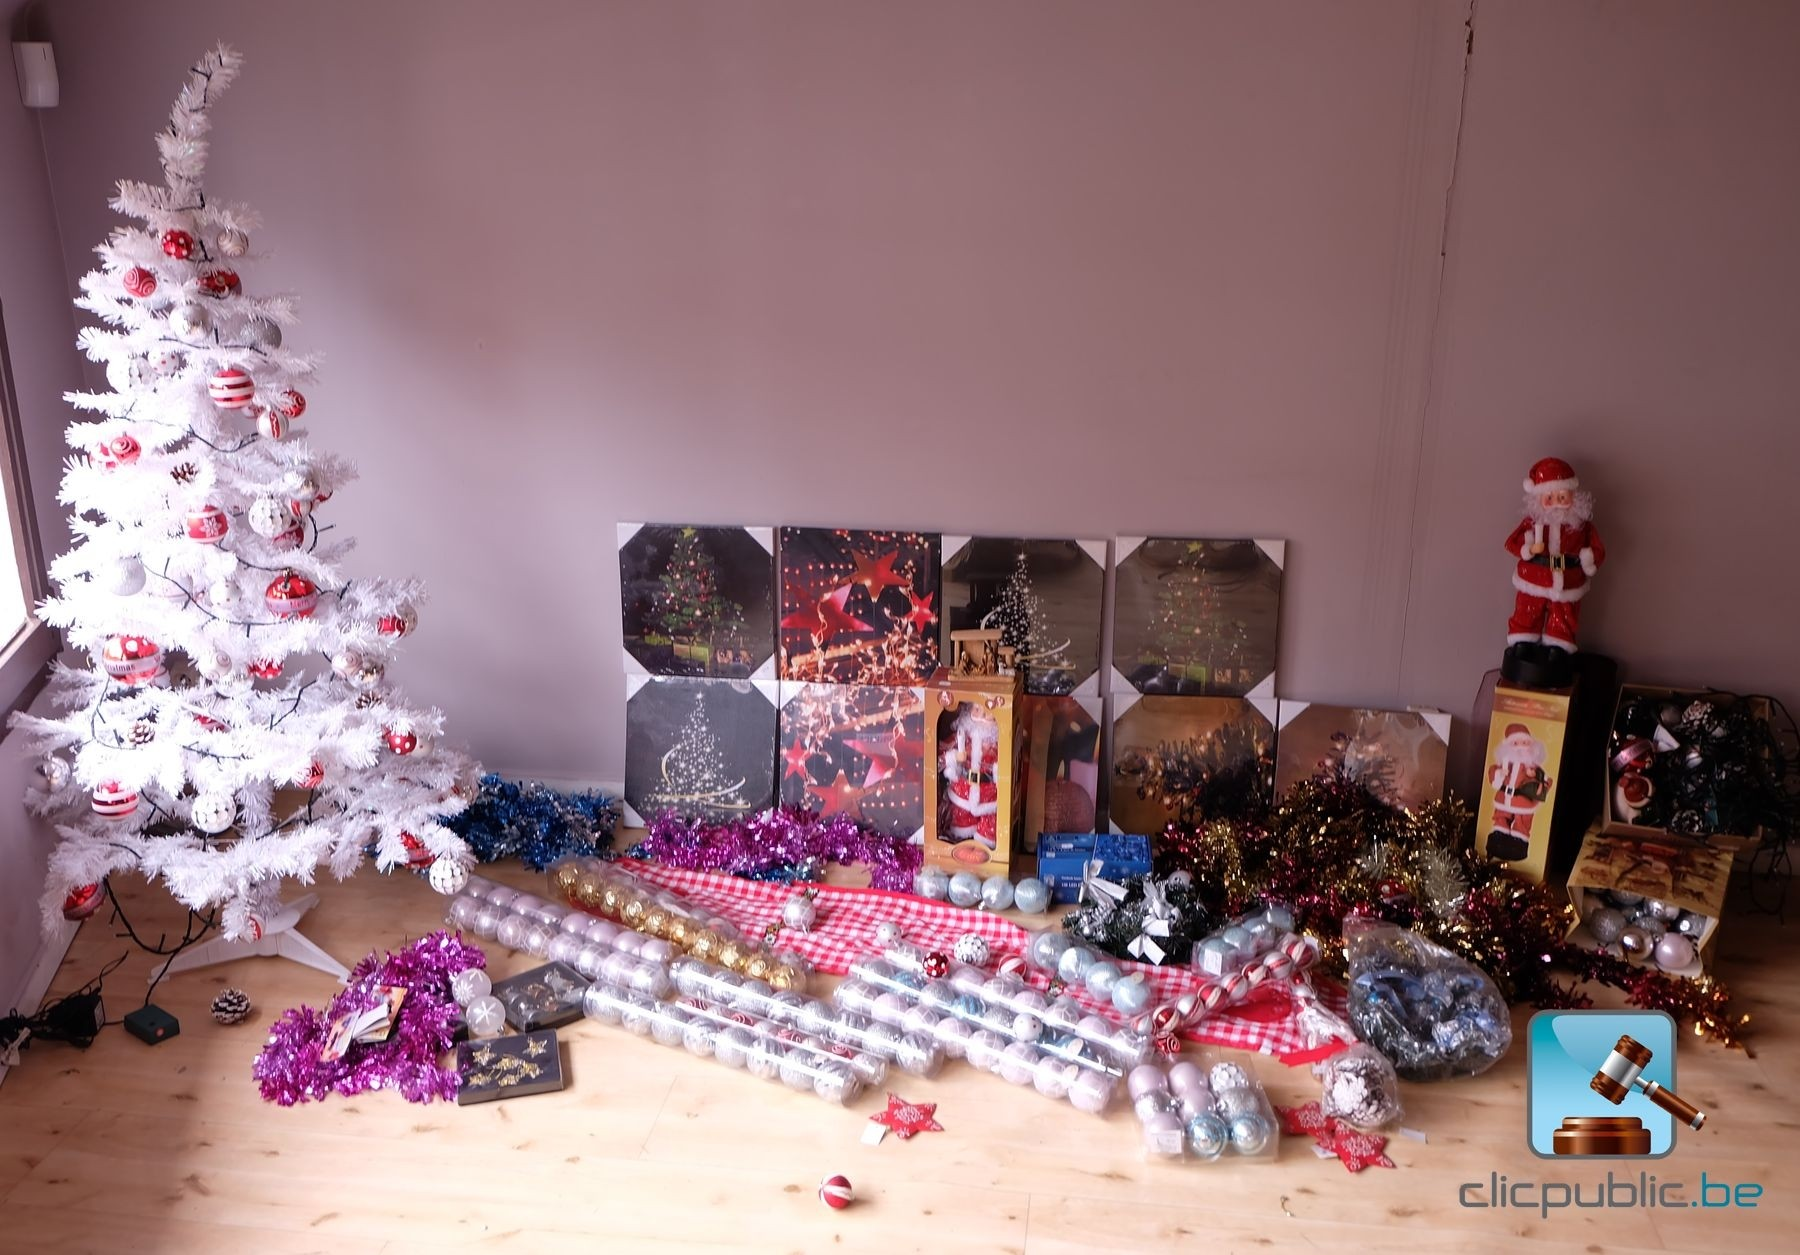 #955936 Décorations De Noël (ref. 6) à Vendre Sur Clicpublic.be 5319 decorations de noel a vendre 1800x1255 px @ aertt.com